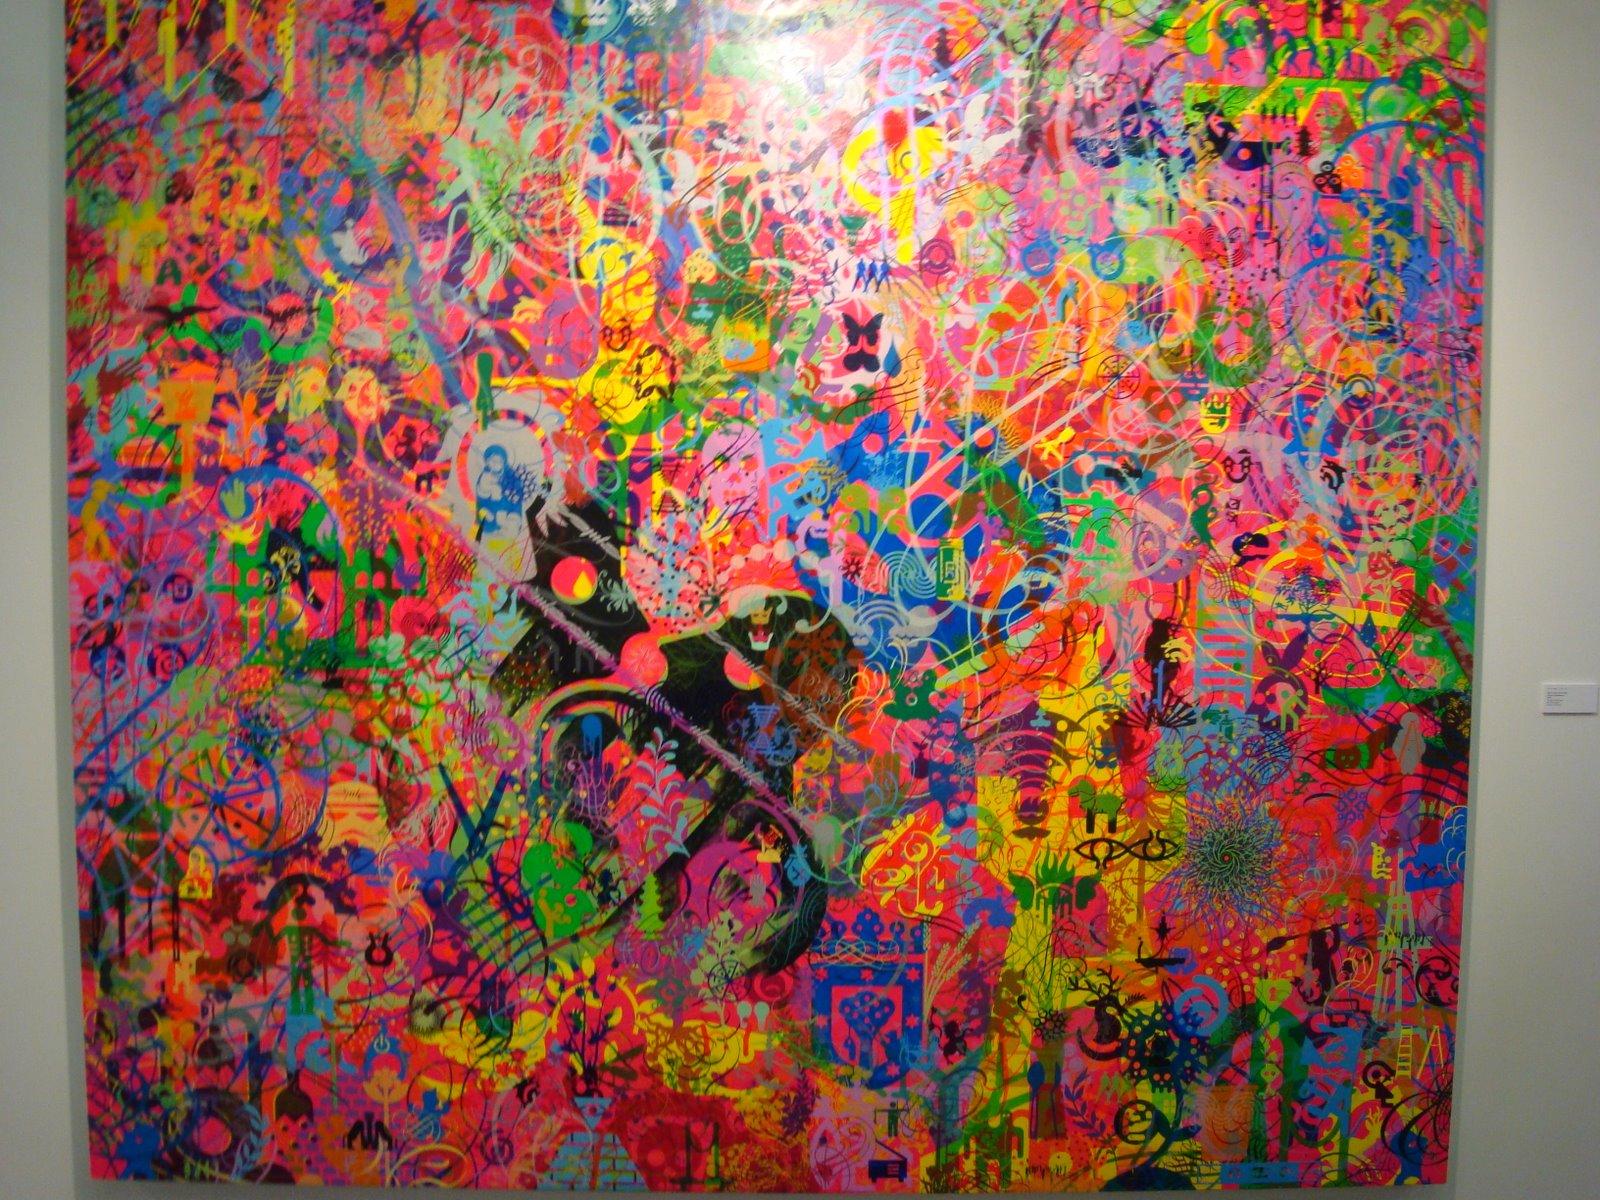 Jon Kessler and Ryan McGinness at Deitch | ArtJetSet